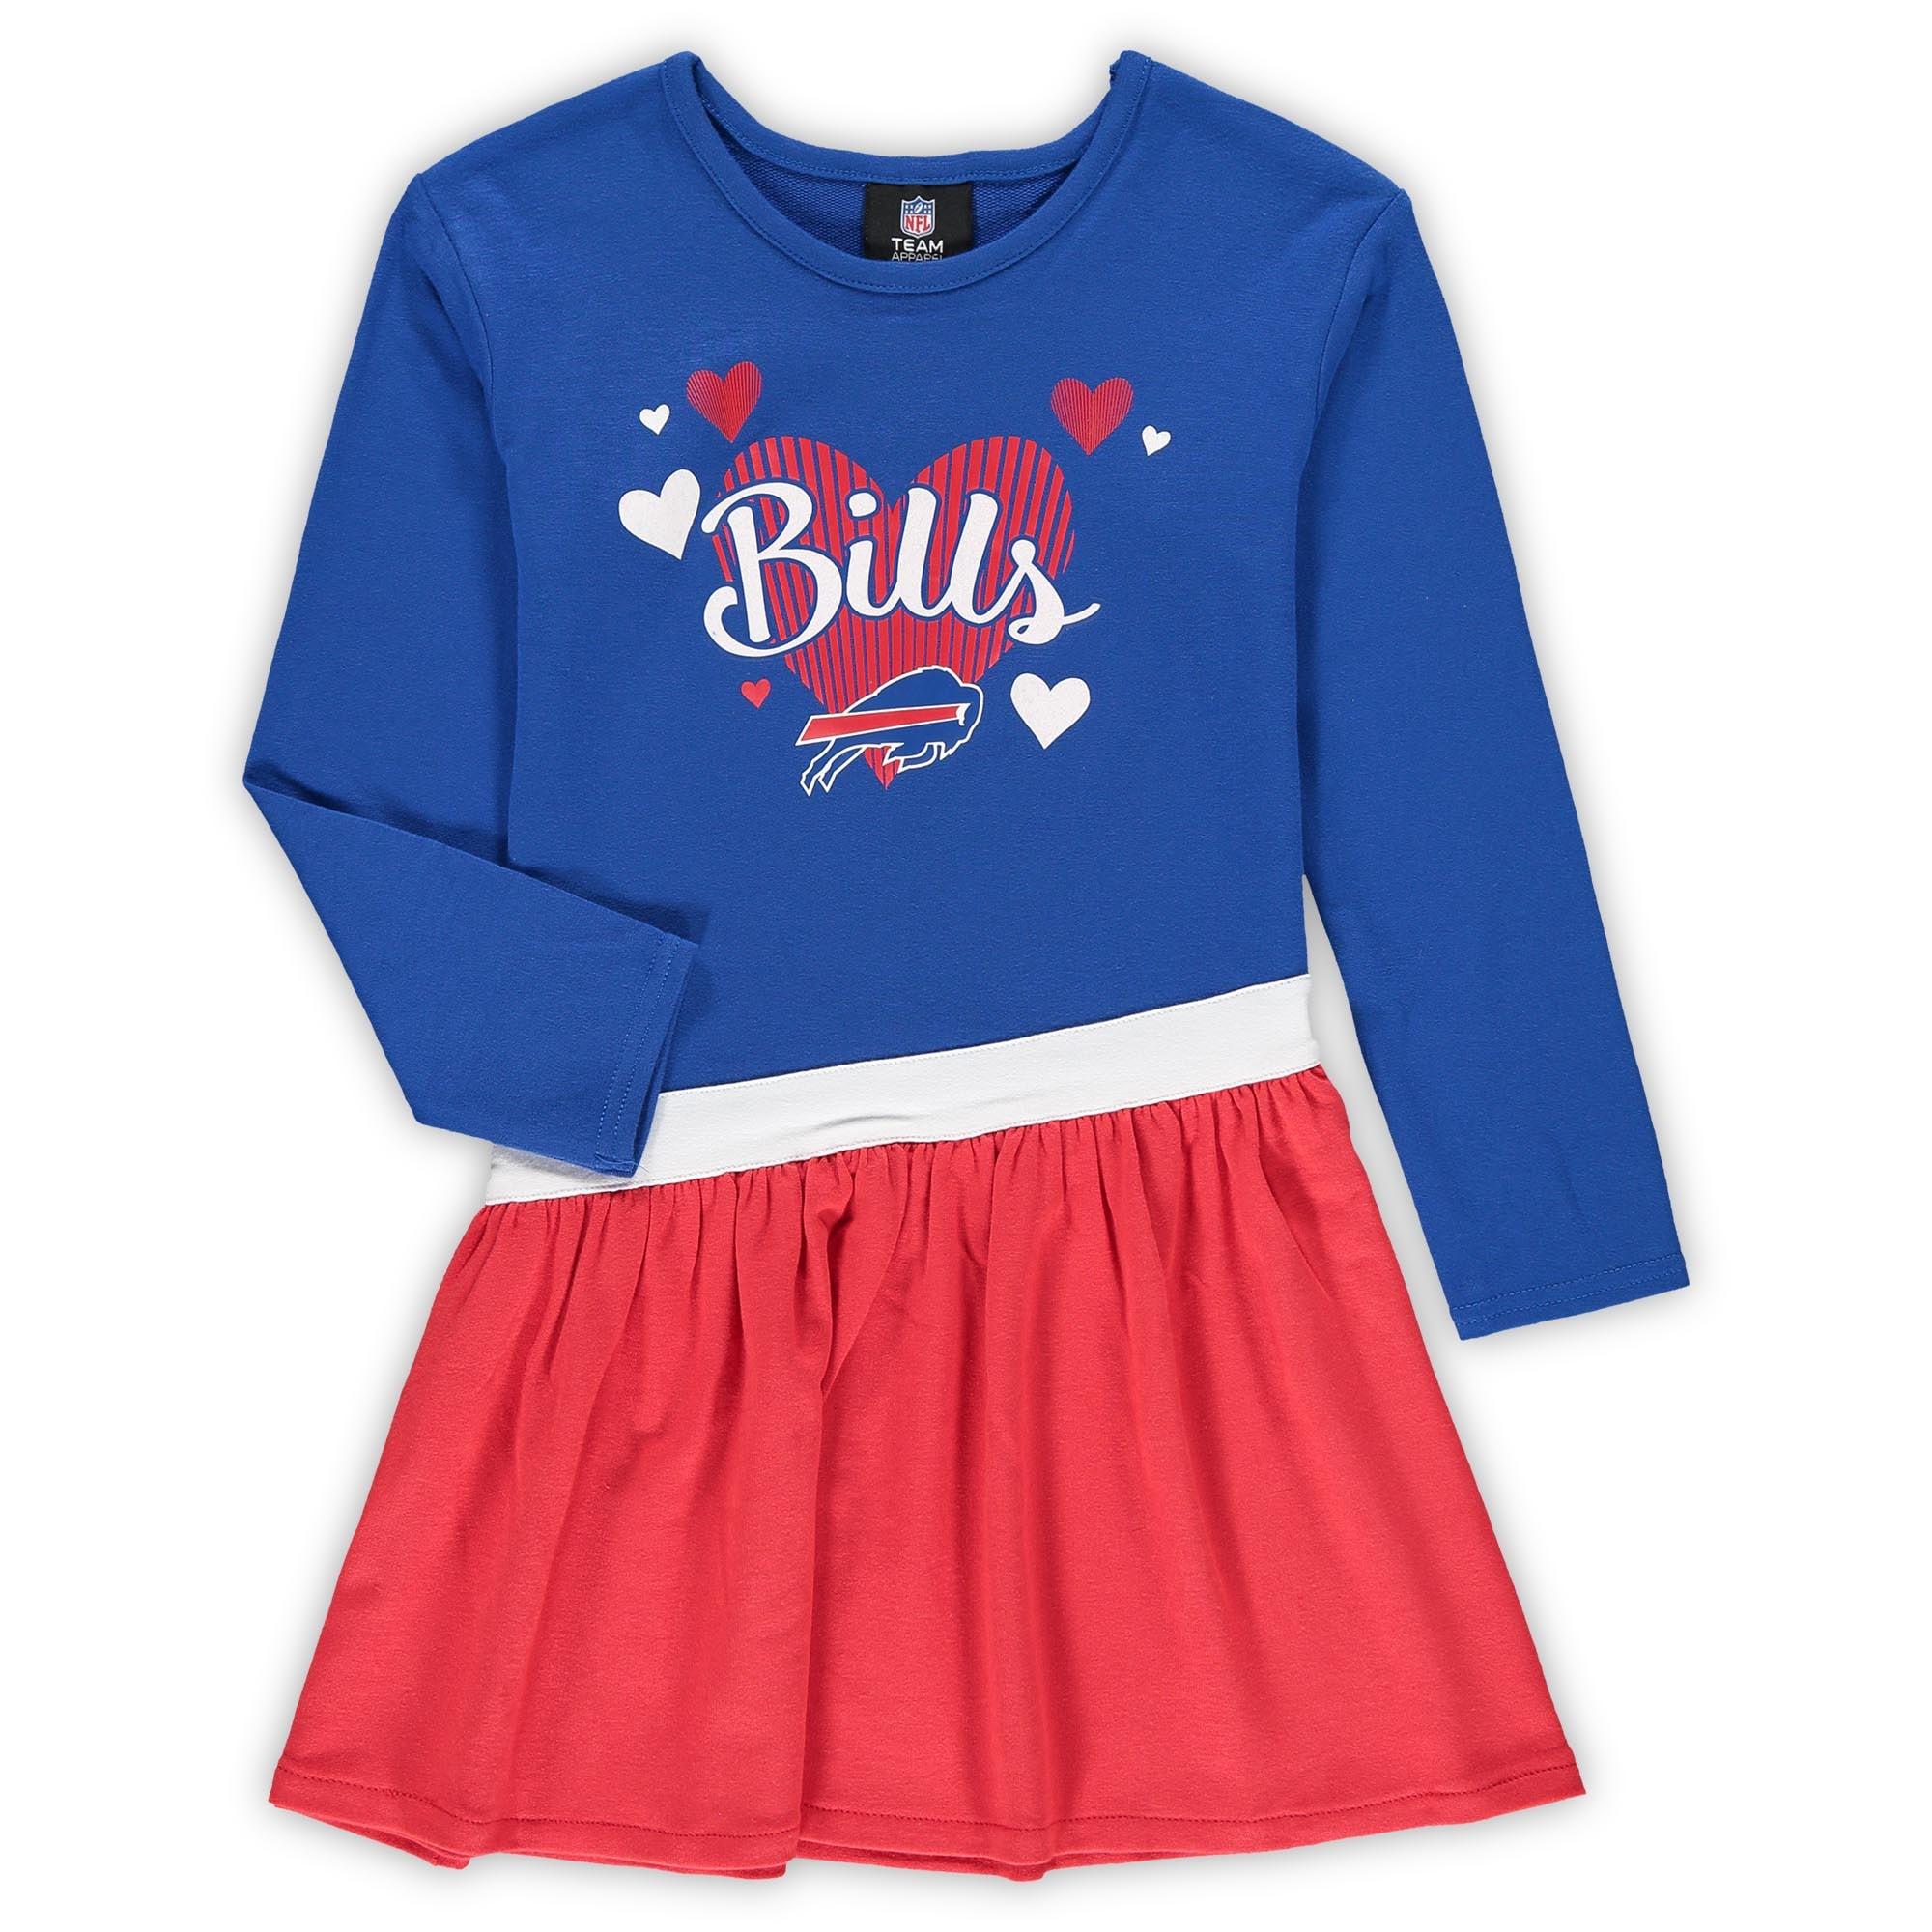 Buffalo Bills Girls Toddler All Hearts Jersey Long Sleeve Dress - Royal - Walmart.com